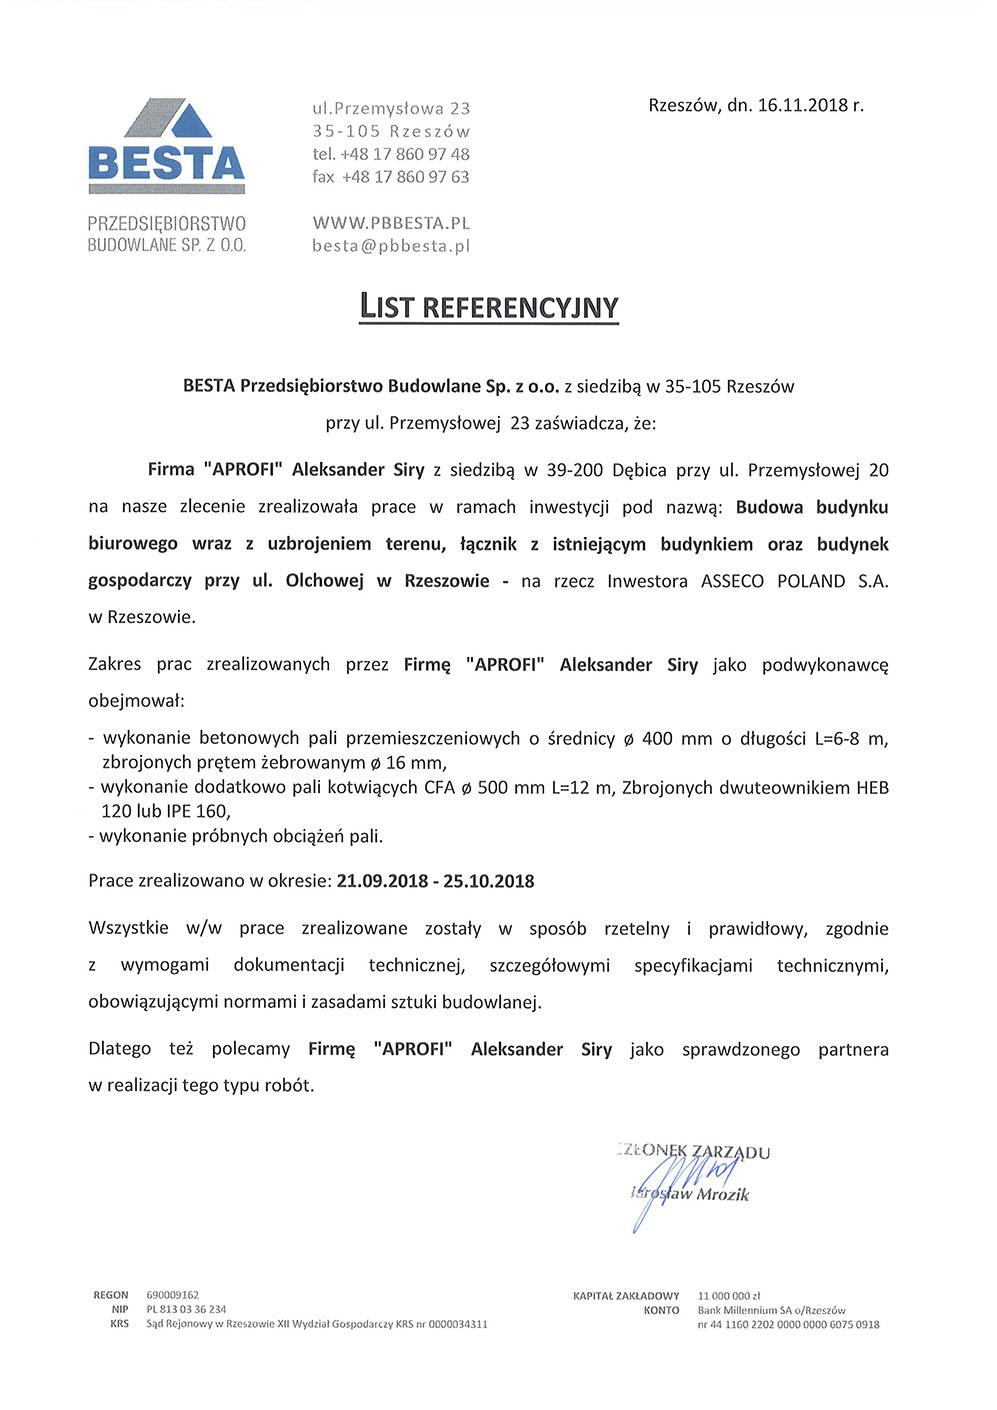 List referencyjny za pale przemieszczeniowe dla budynku gospodarczego przy ul. Olchowej w Rzeszowie